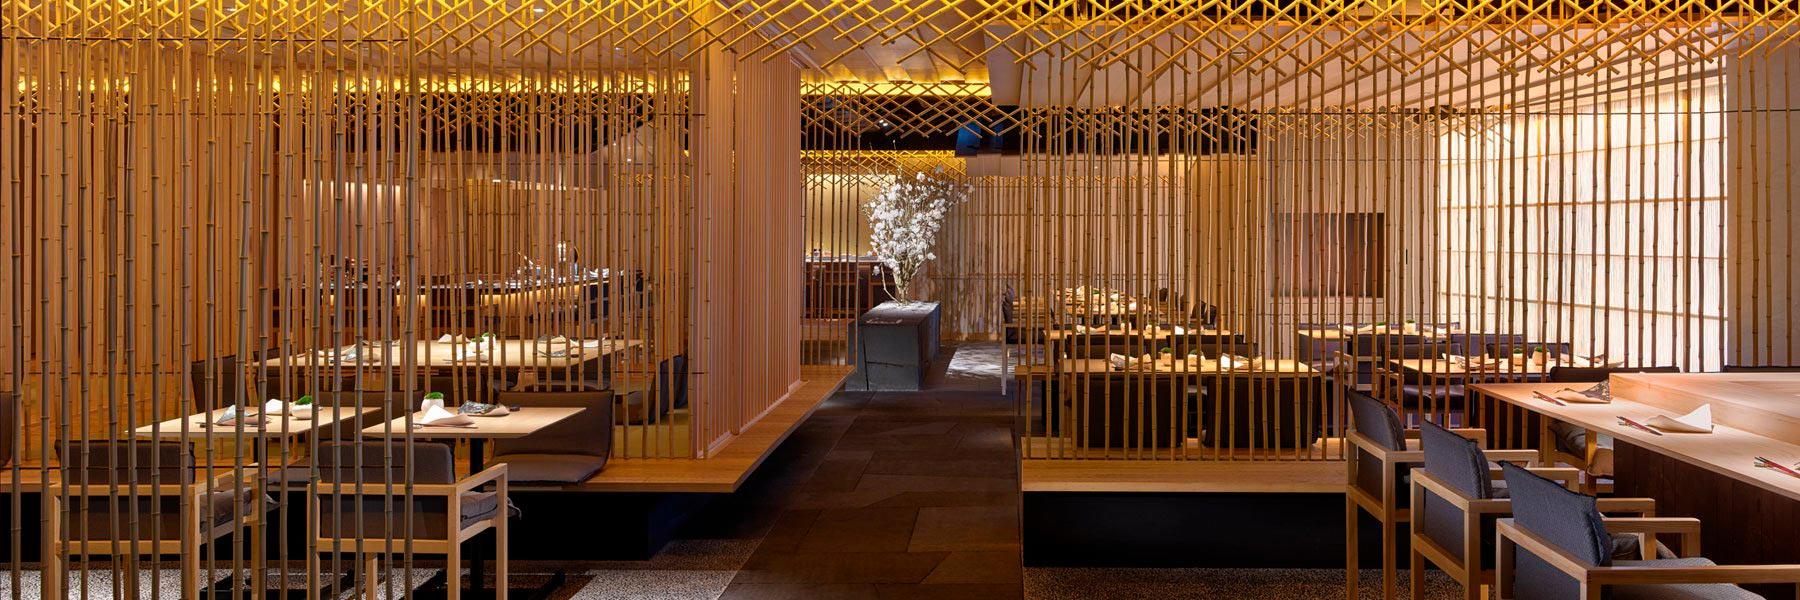 Ресторан в виде бамбуковой рощи по проекту Кенго Кумы